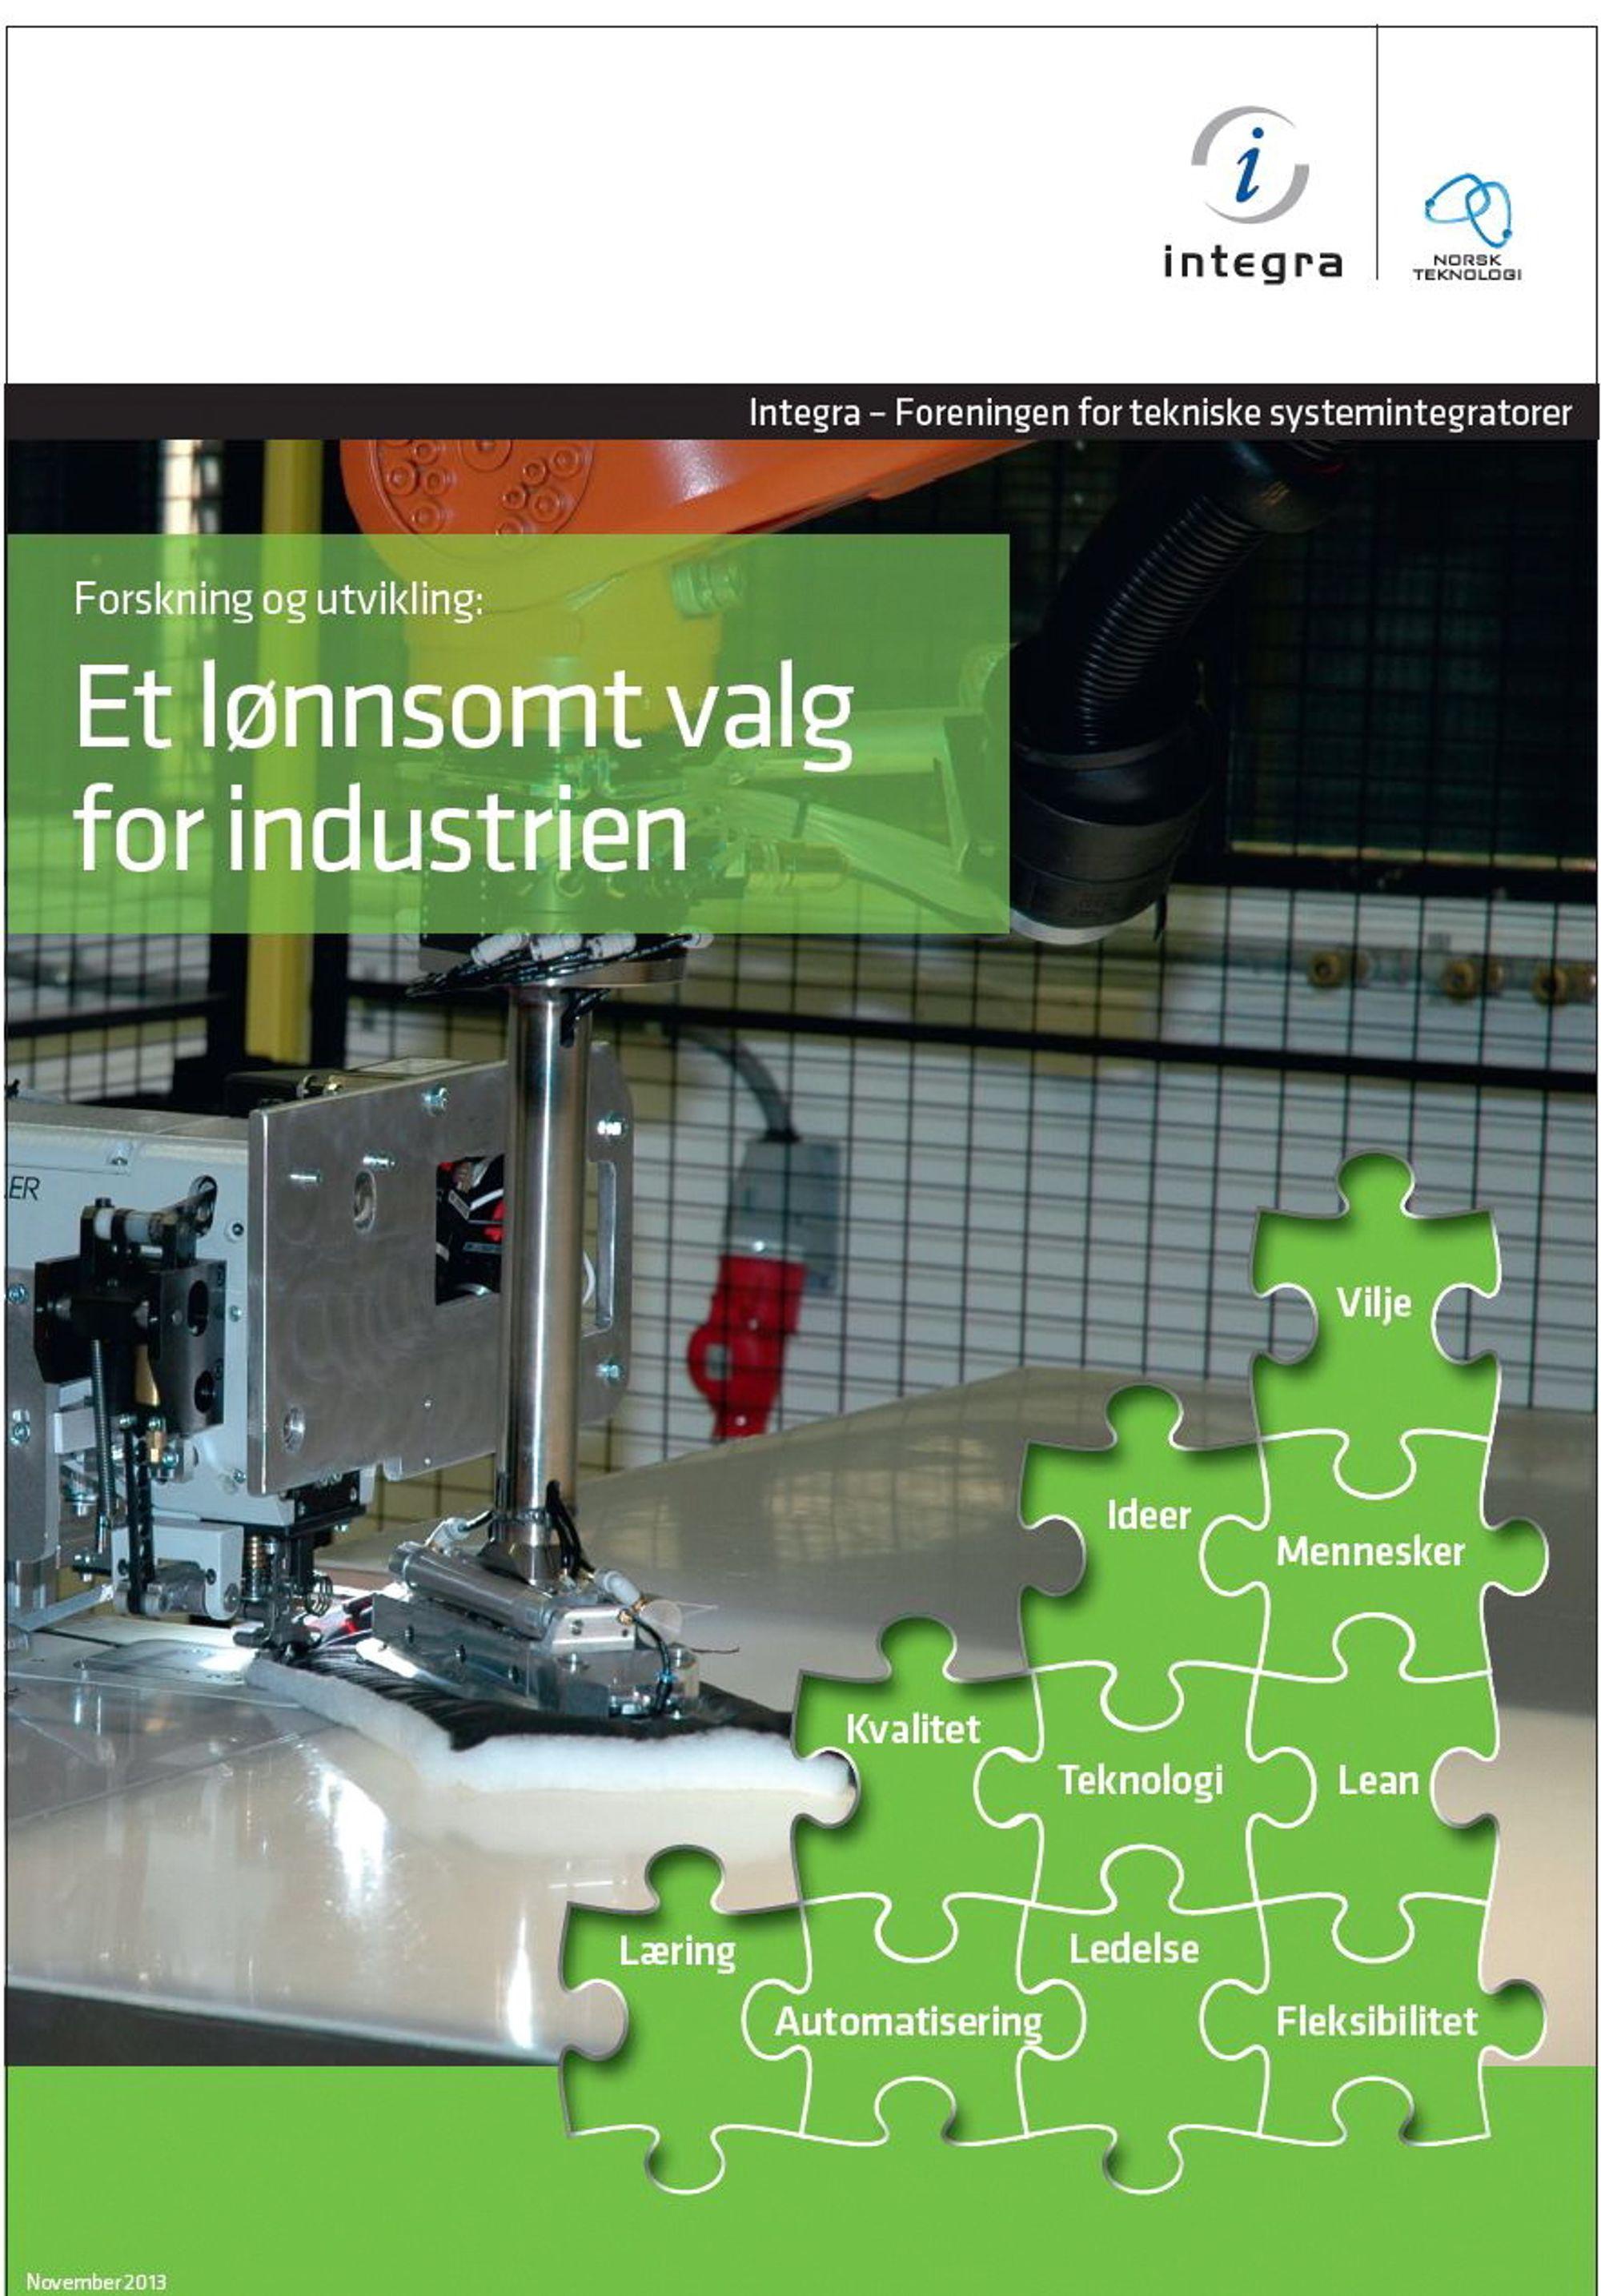 Faktaheftet byr på flere suksesshistorier fra norsk vareproduserende industri.